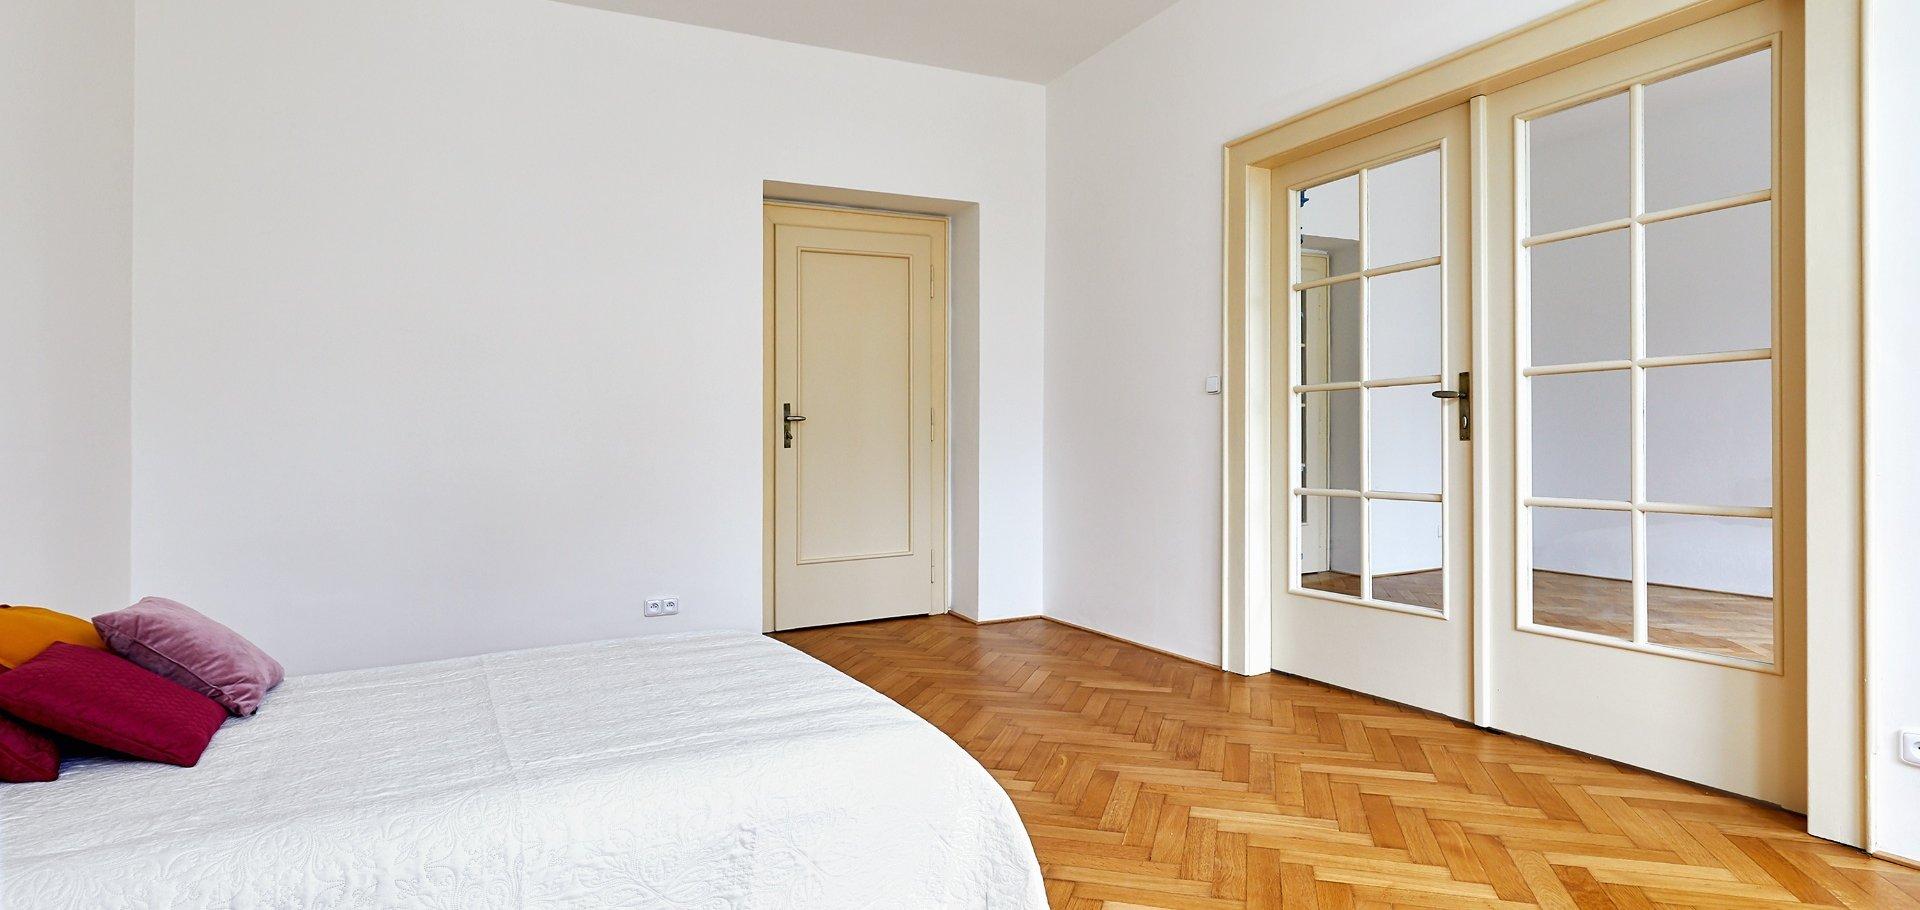 Pronájem bytu 4+1 ve vile, 127 m², U páté baterie, Praha - Střešovice